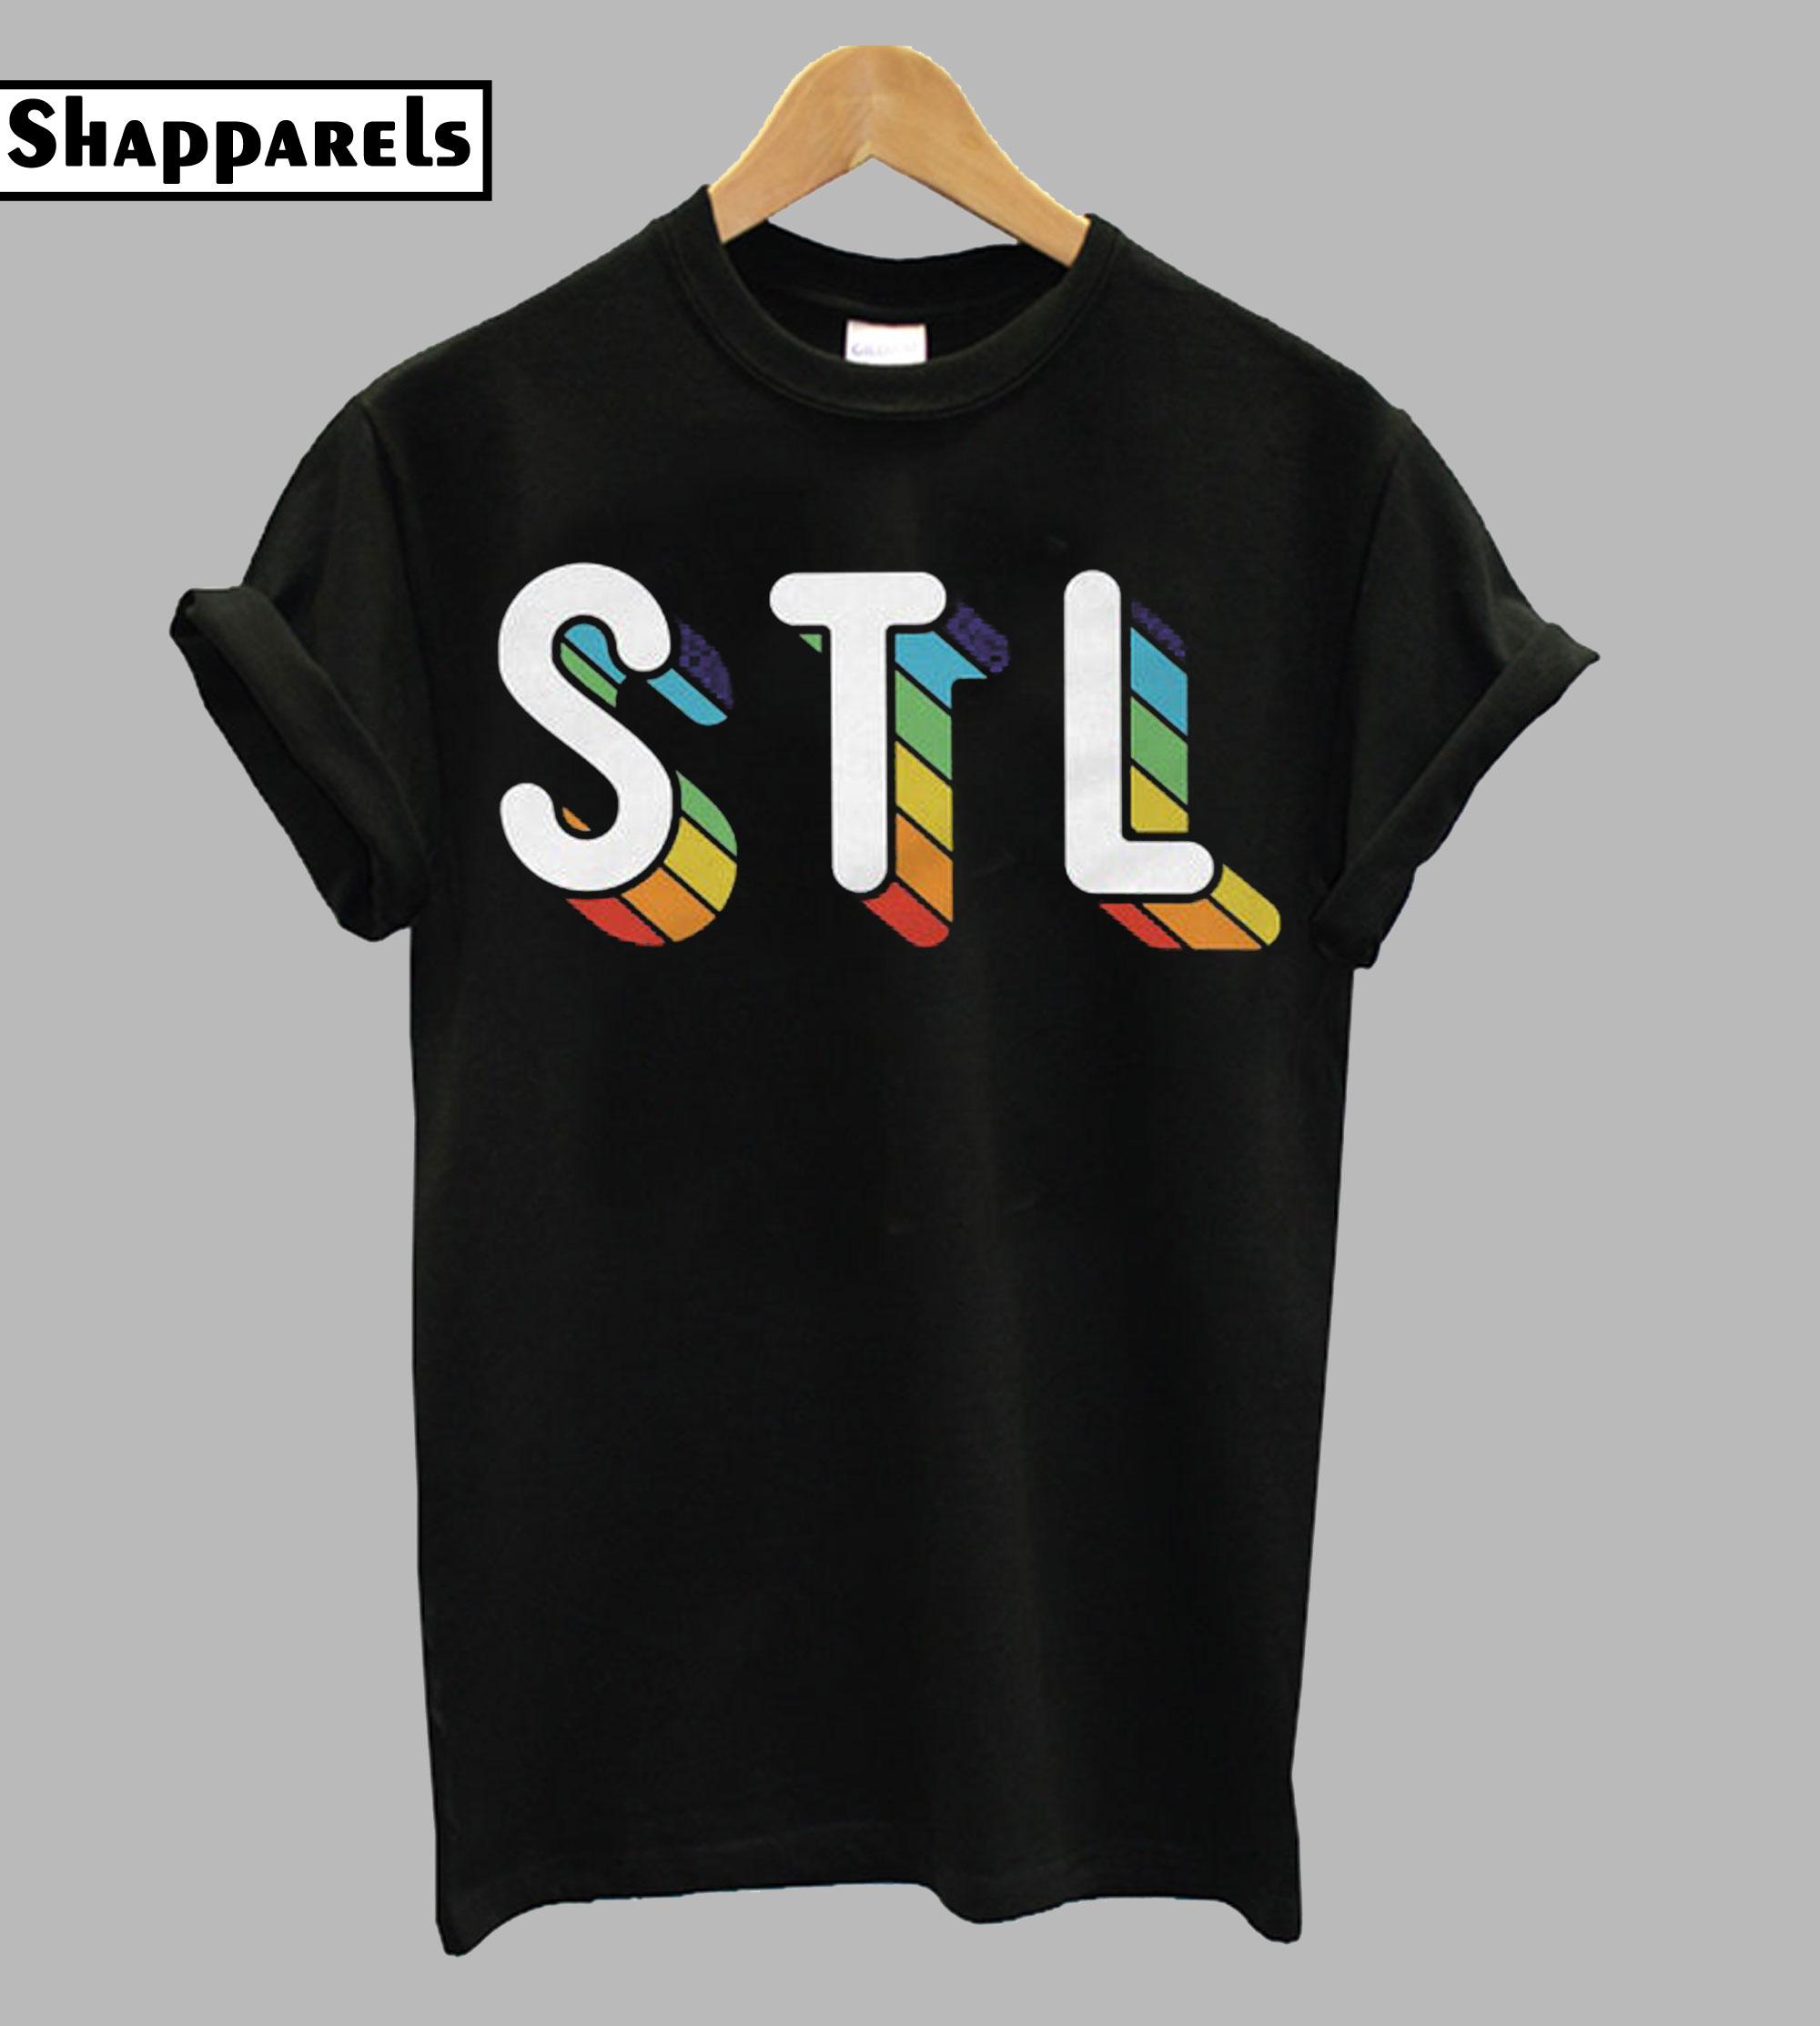 STL rainbow pride dark tshirt